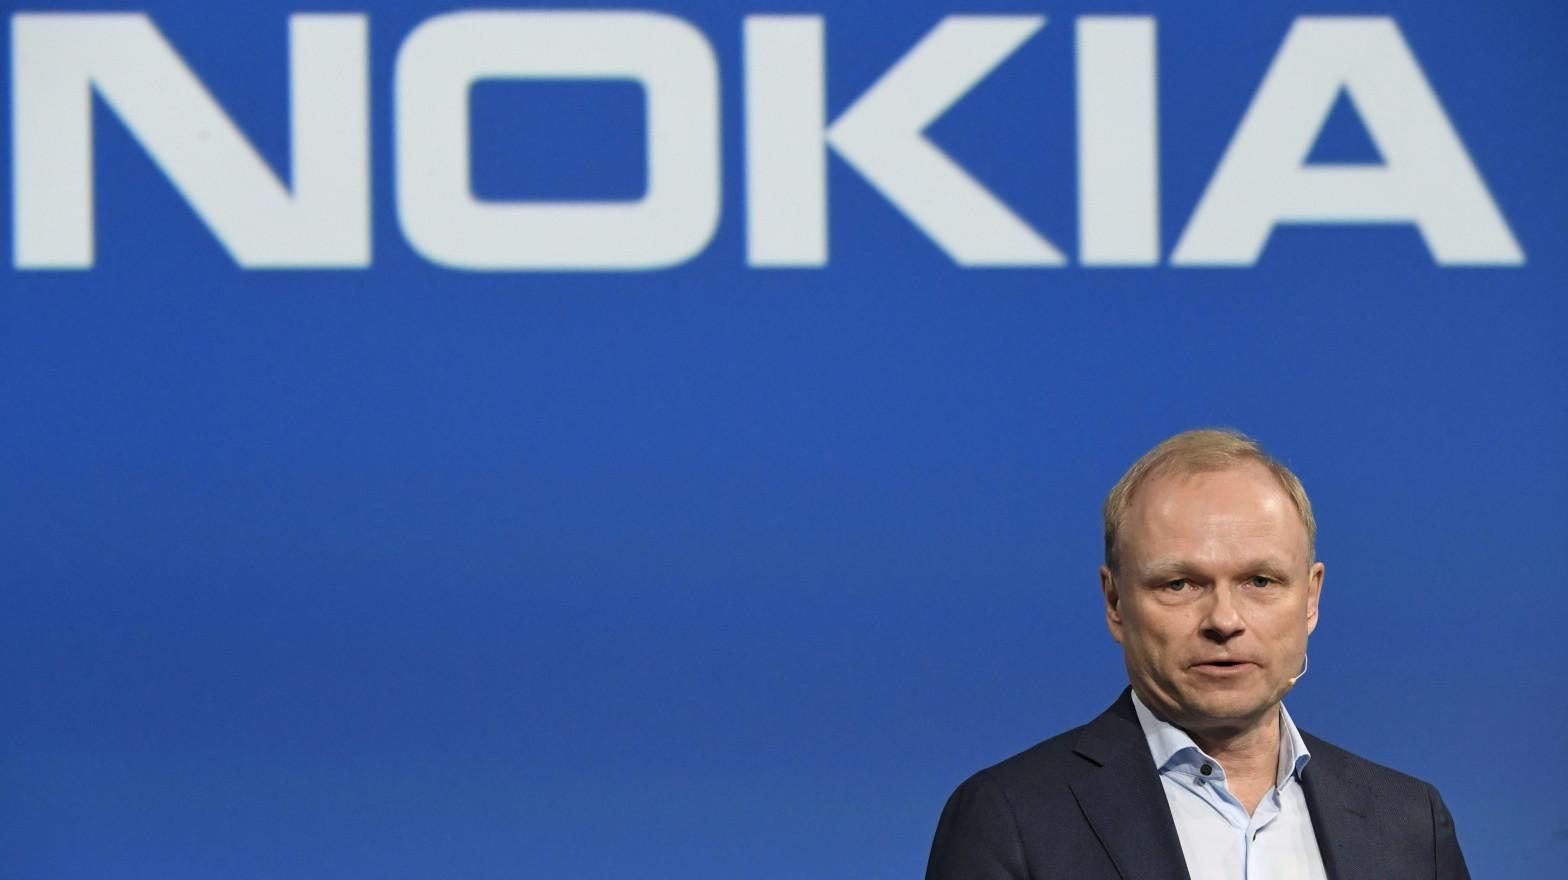 Consejero delegado de Nokia